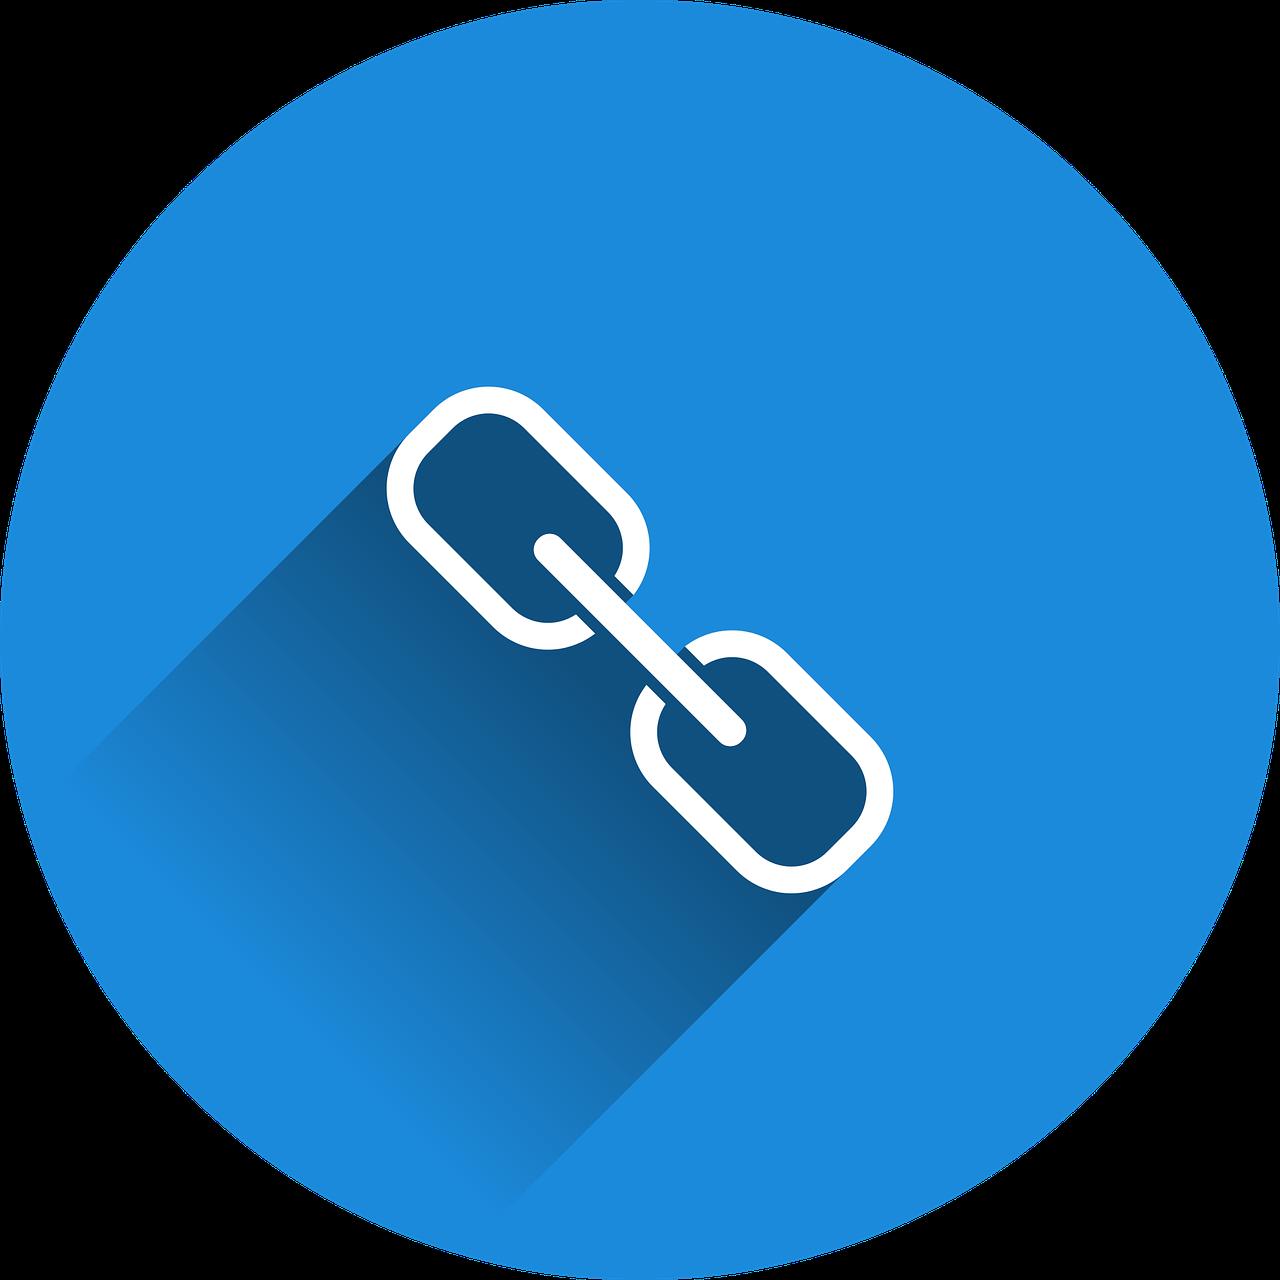 Valge lingi märk (keti ahel) sinisel taustal